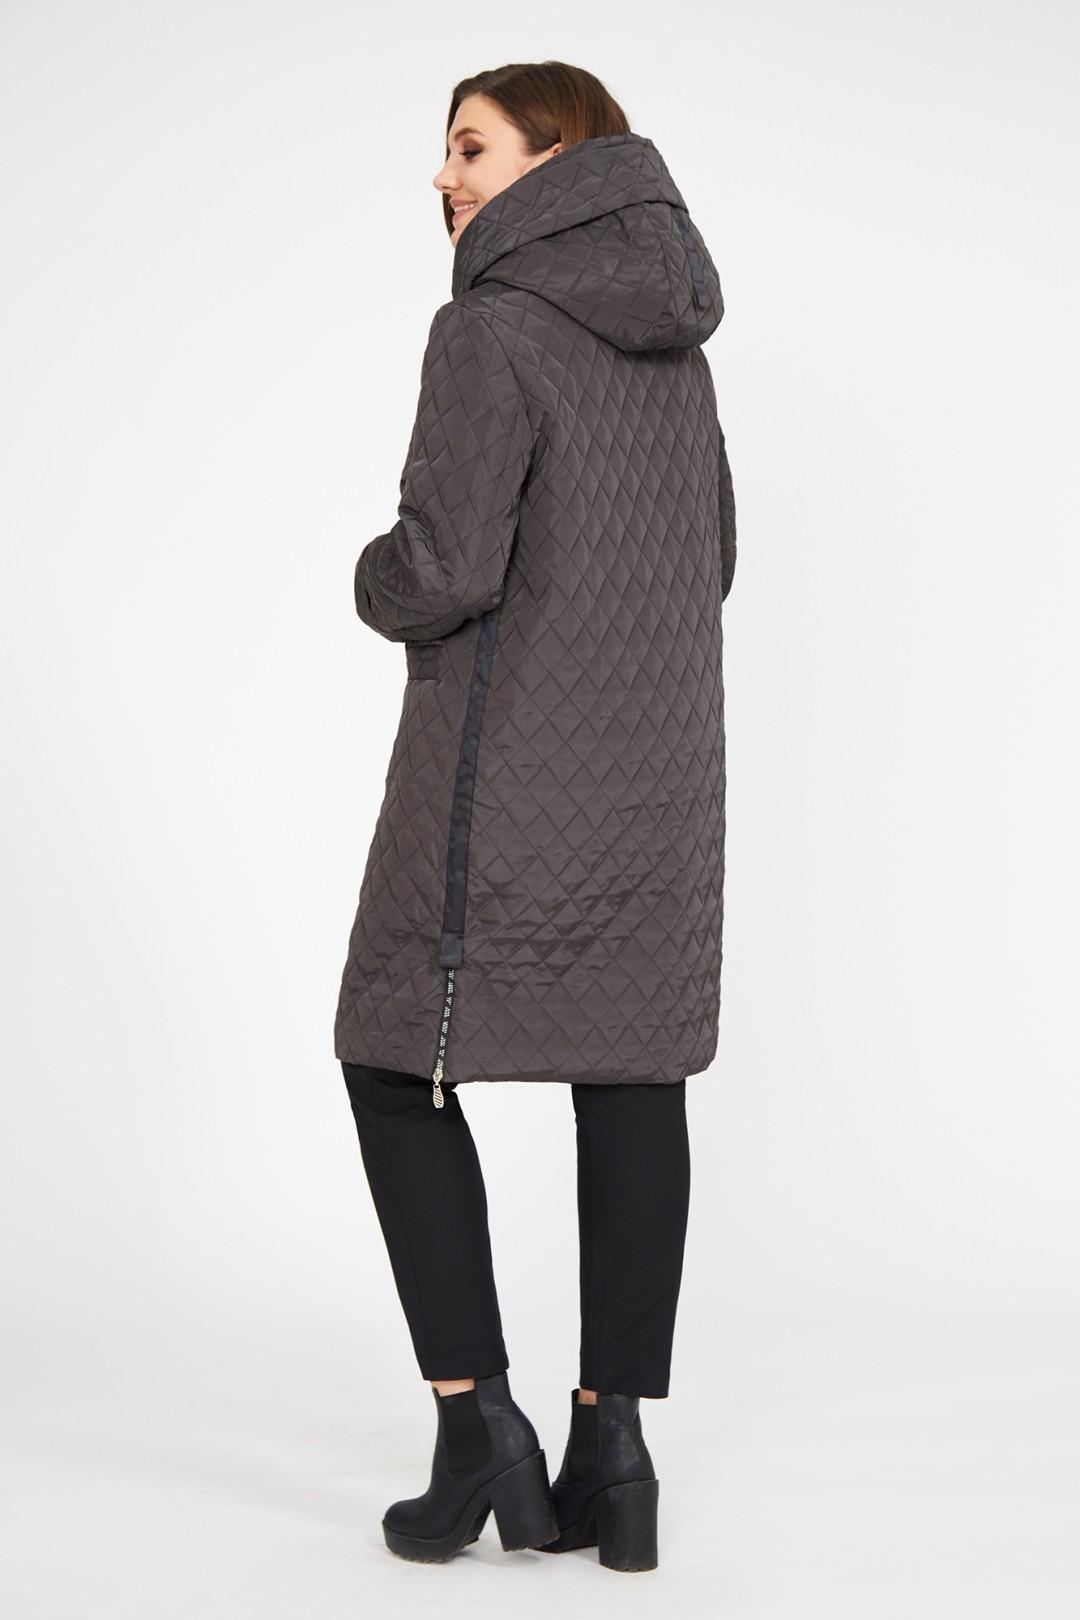 Пальто Магия Стиля 2256 коричневый светлый- узор клетка